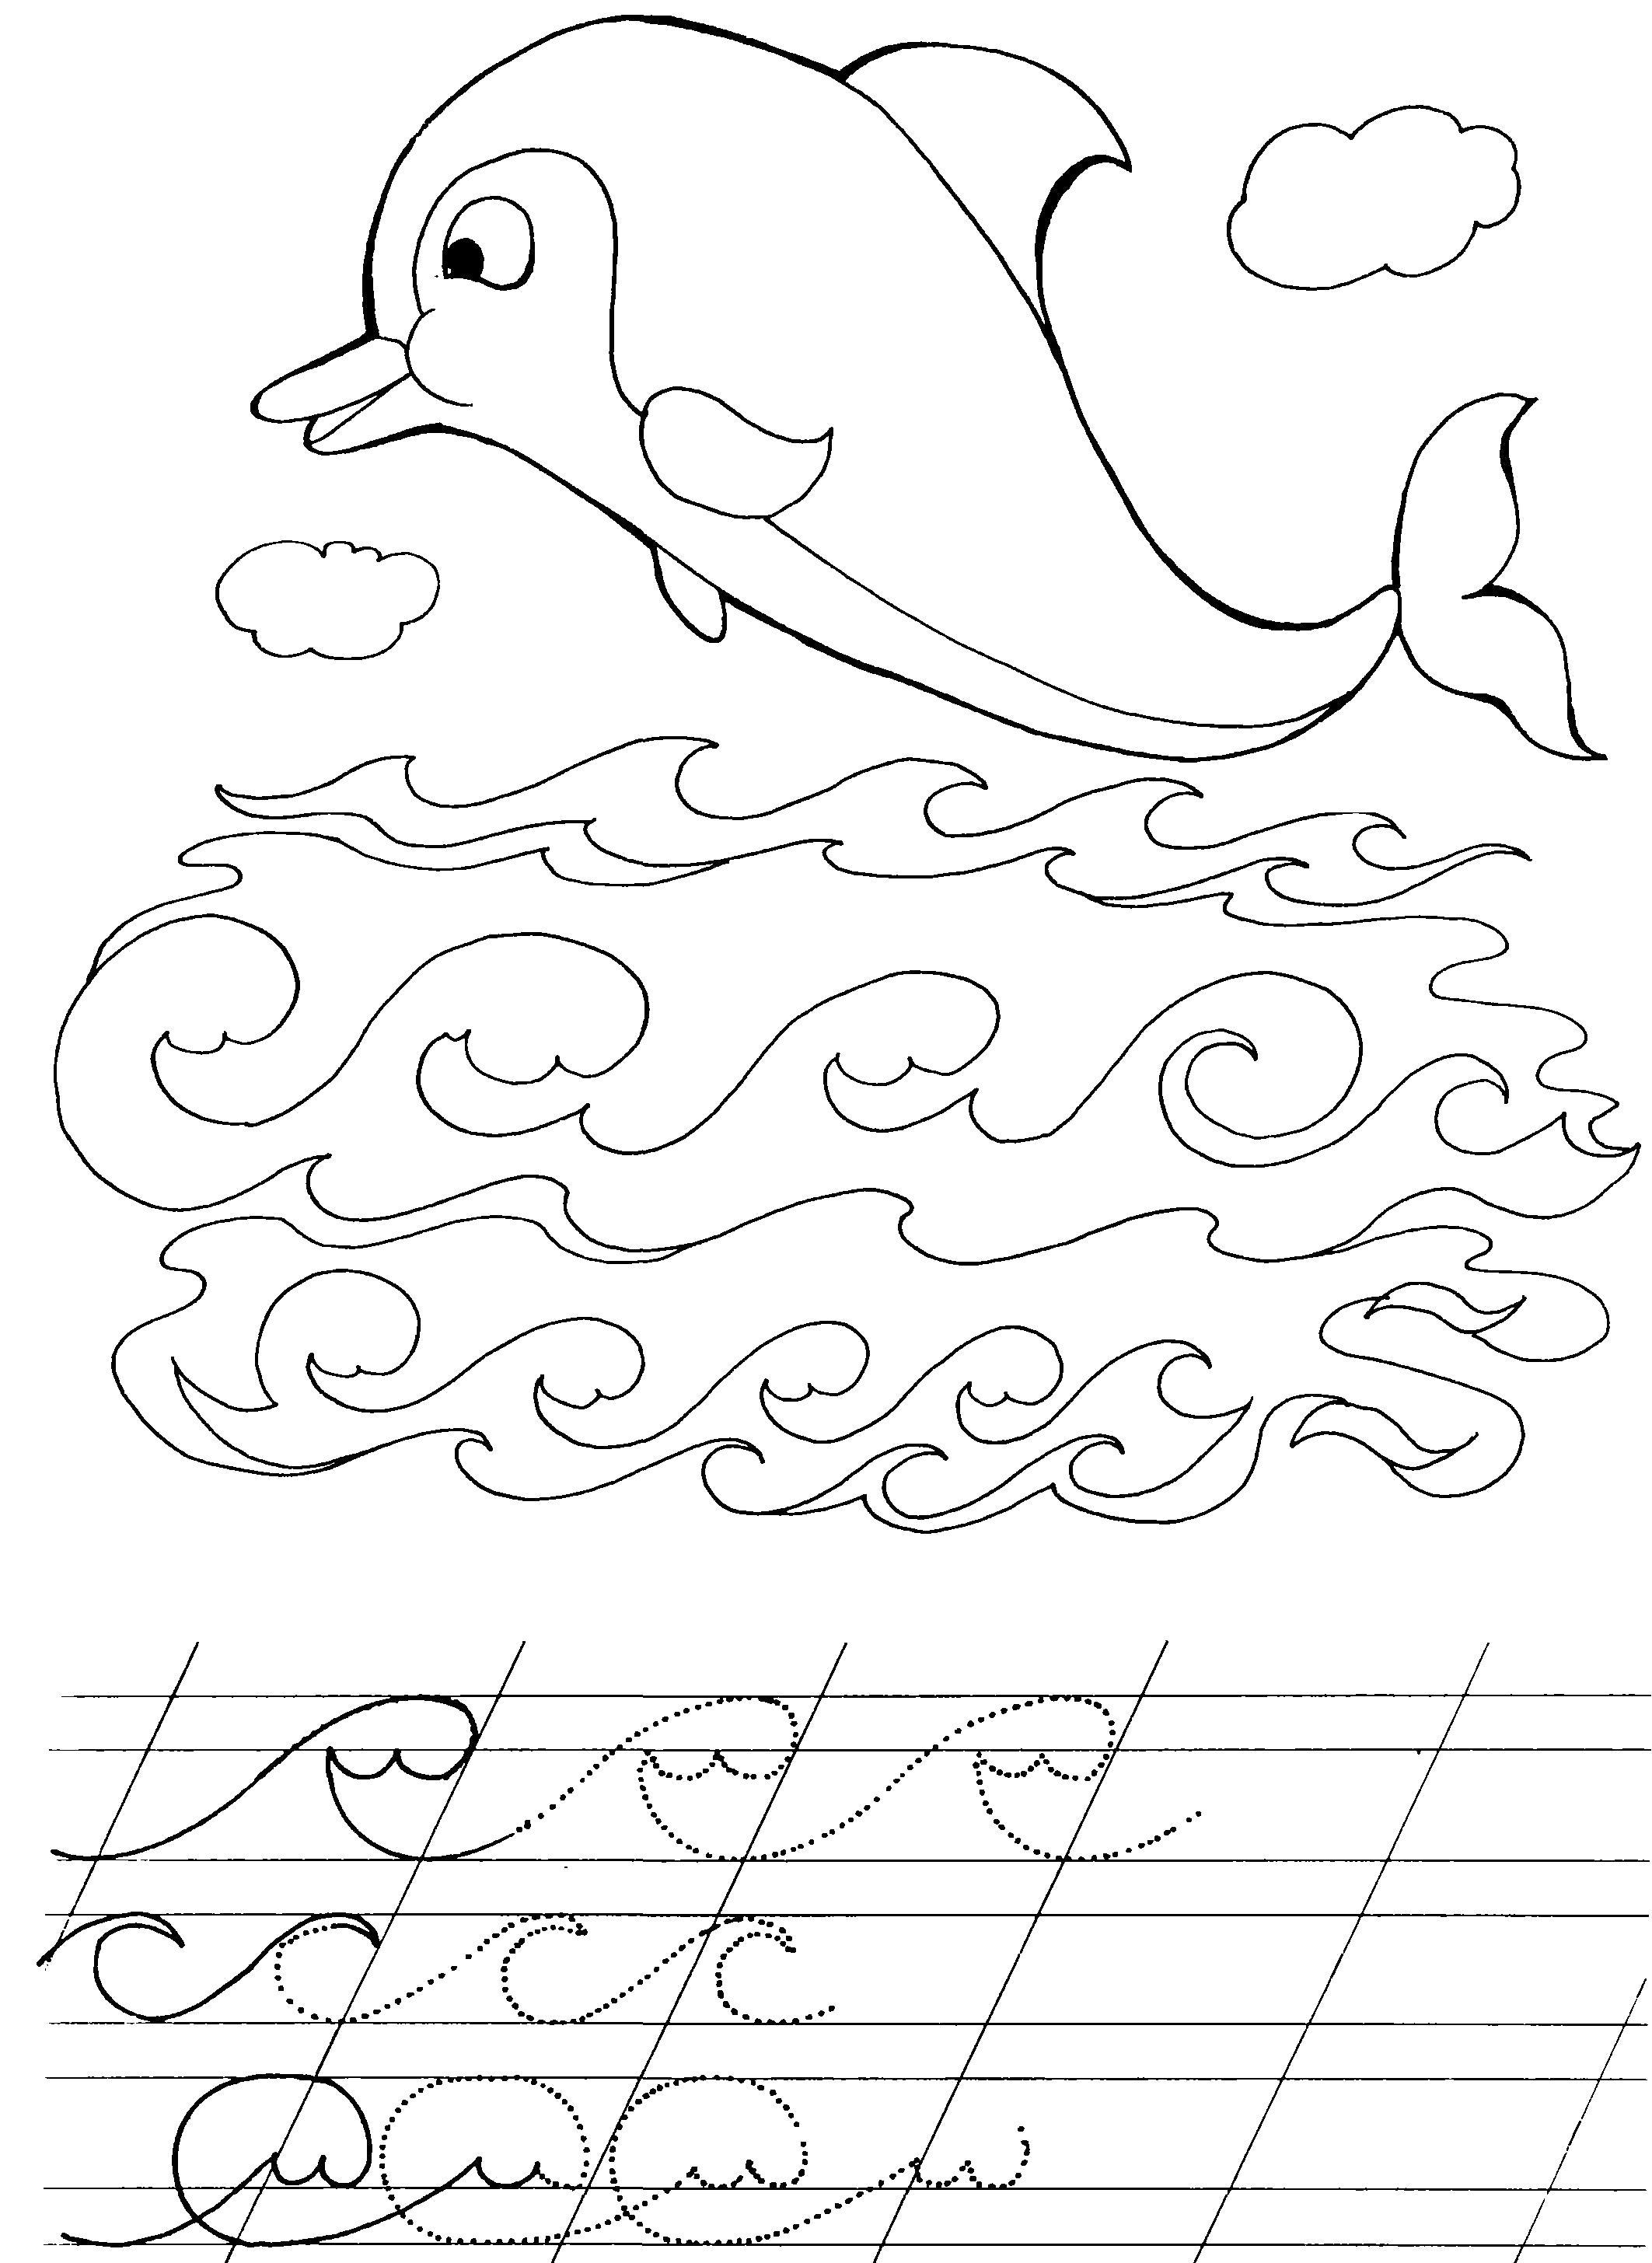 Раскраска Повтори волны. Скачать развивающие.  Распечатать развивающие